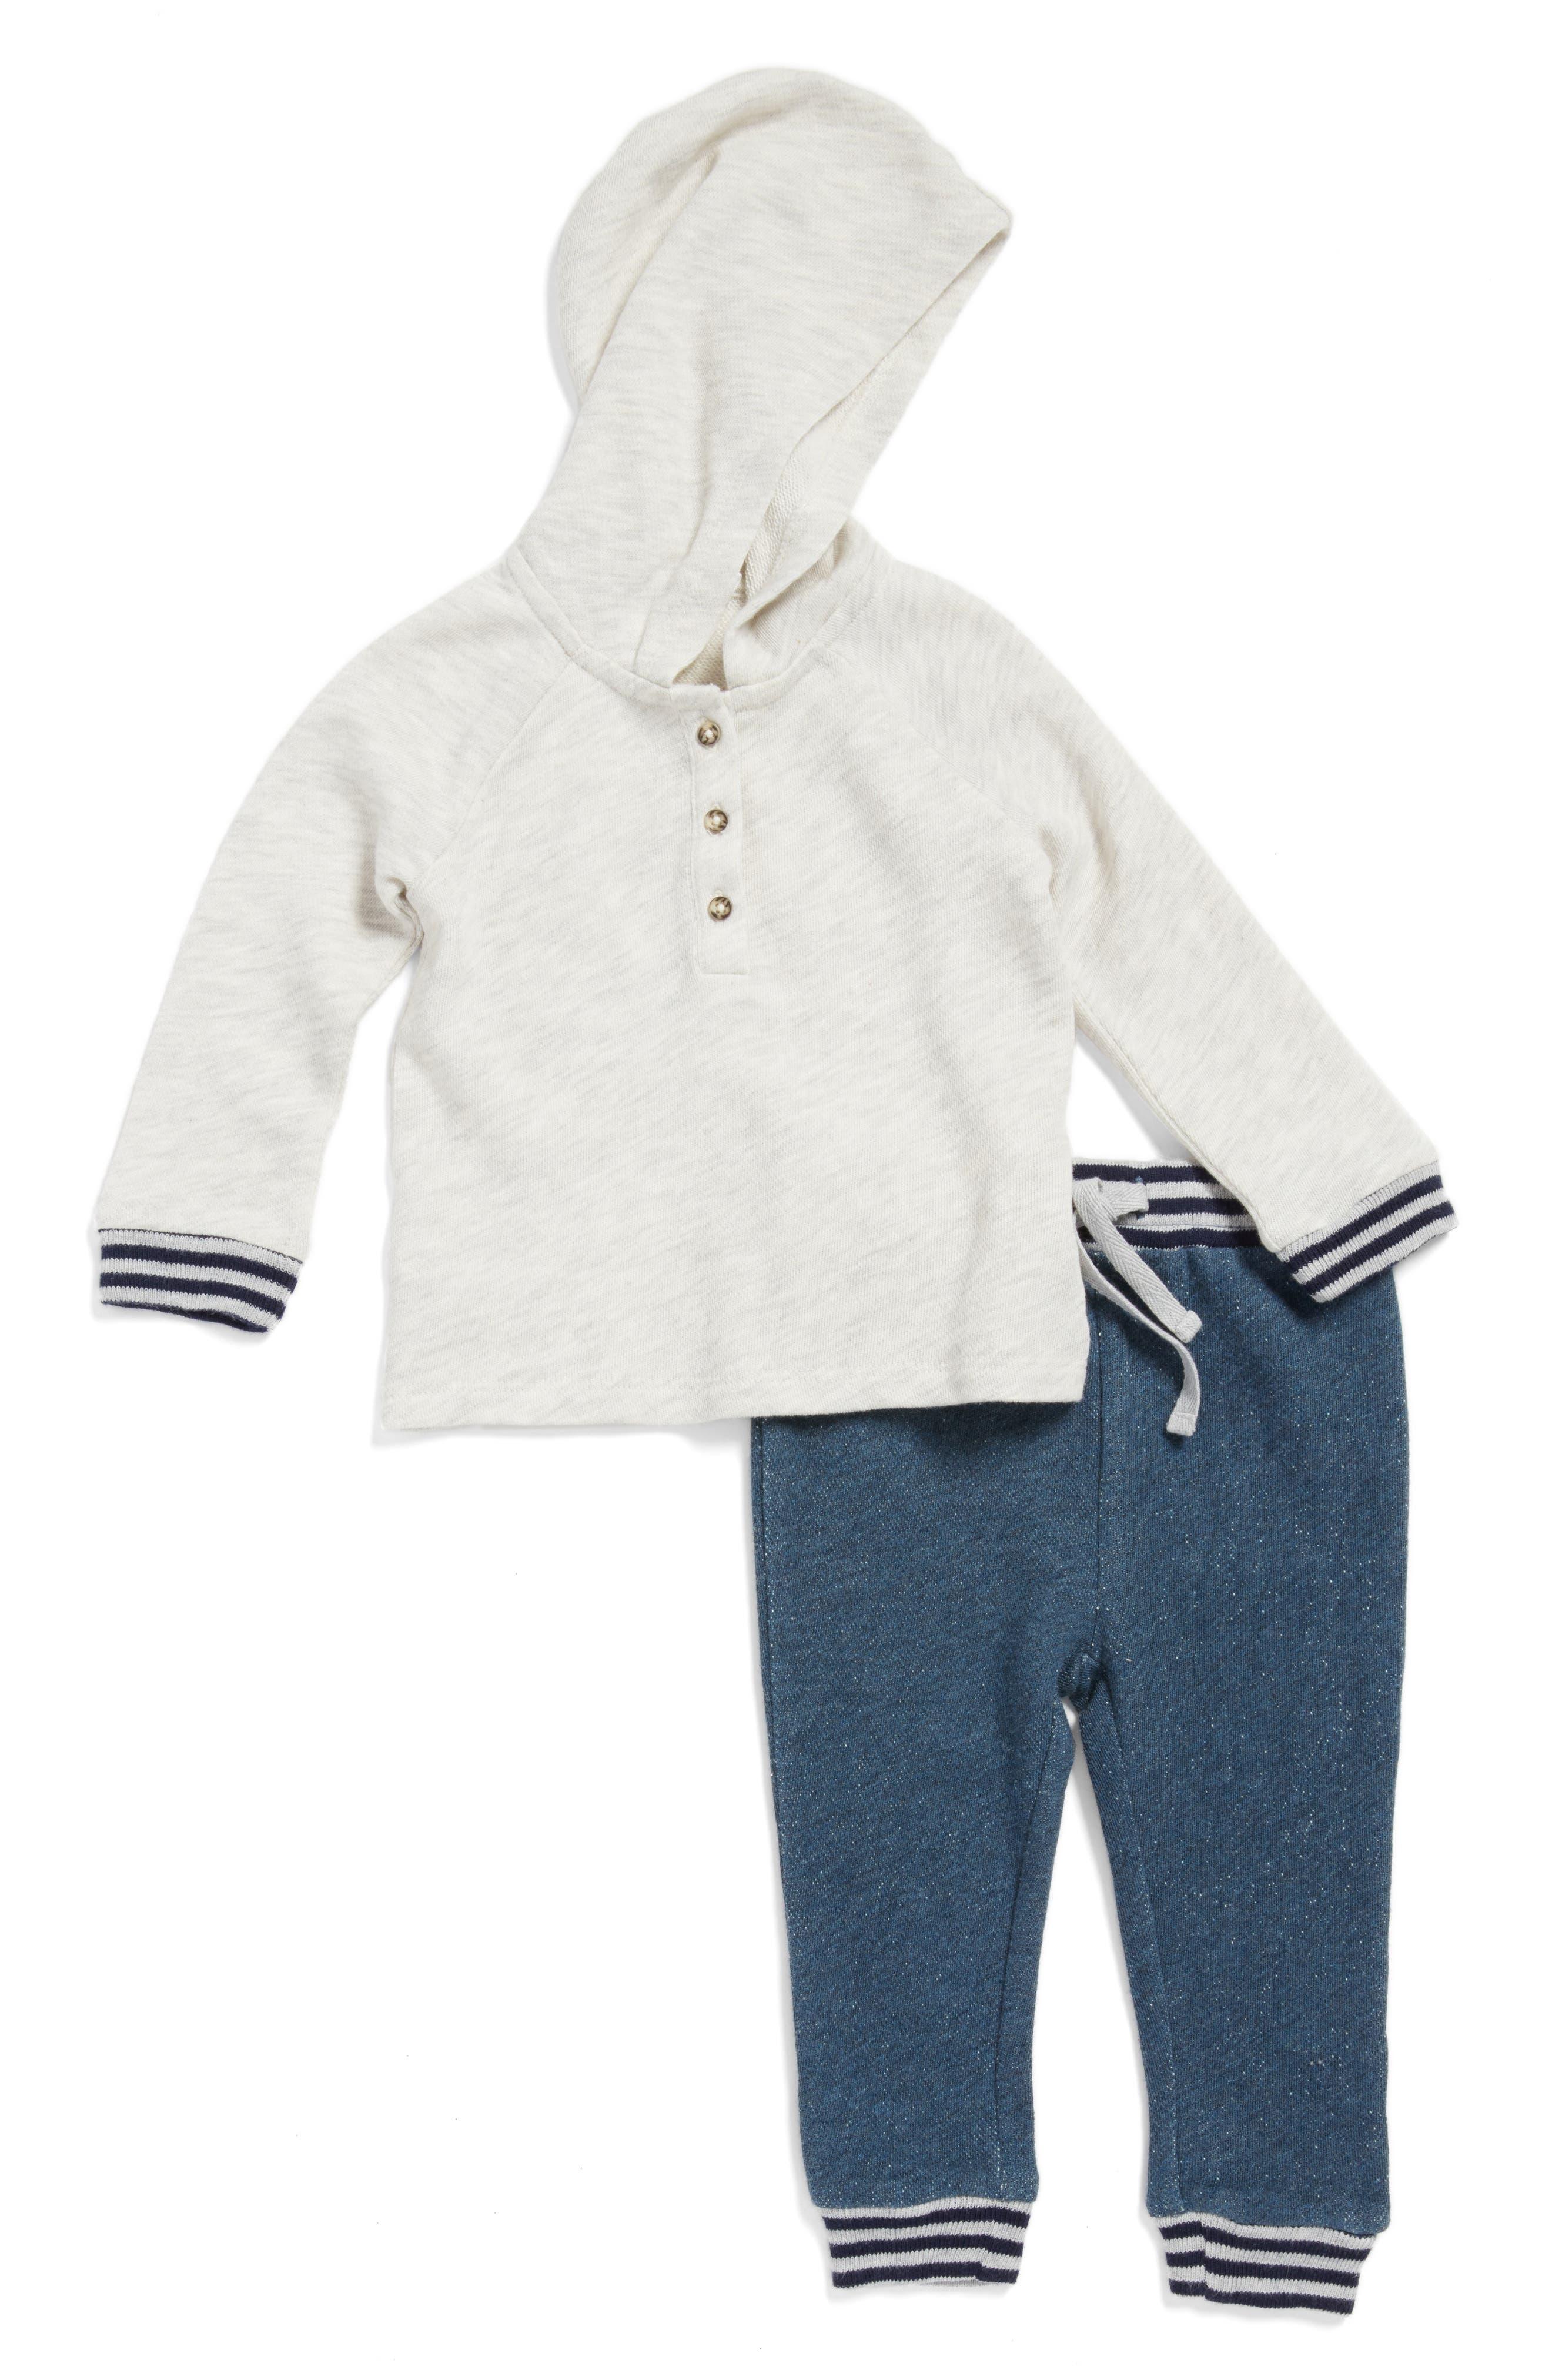 Alternate Image 1 Selected - Nordstrom Baby Hoodie & Pants Set (Baby Boys)